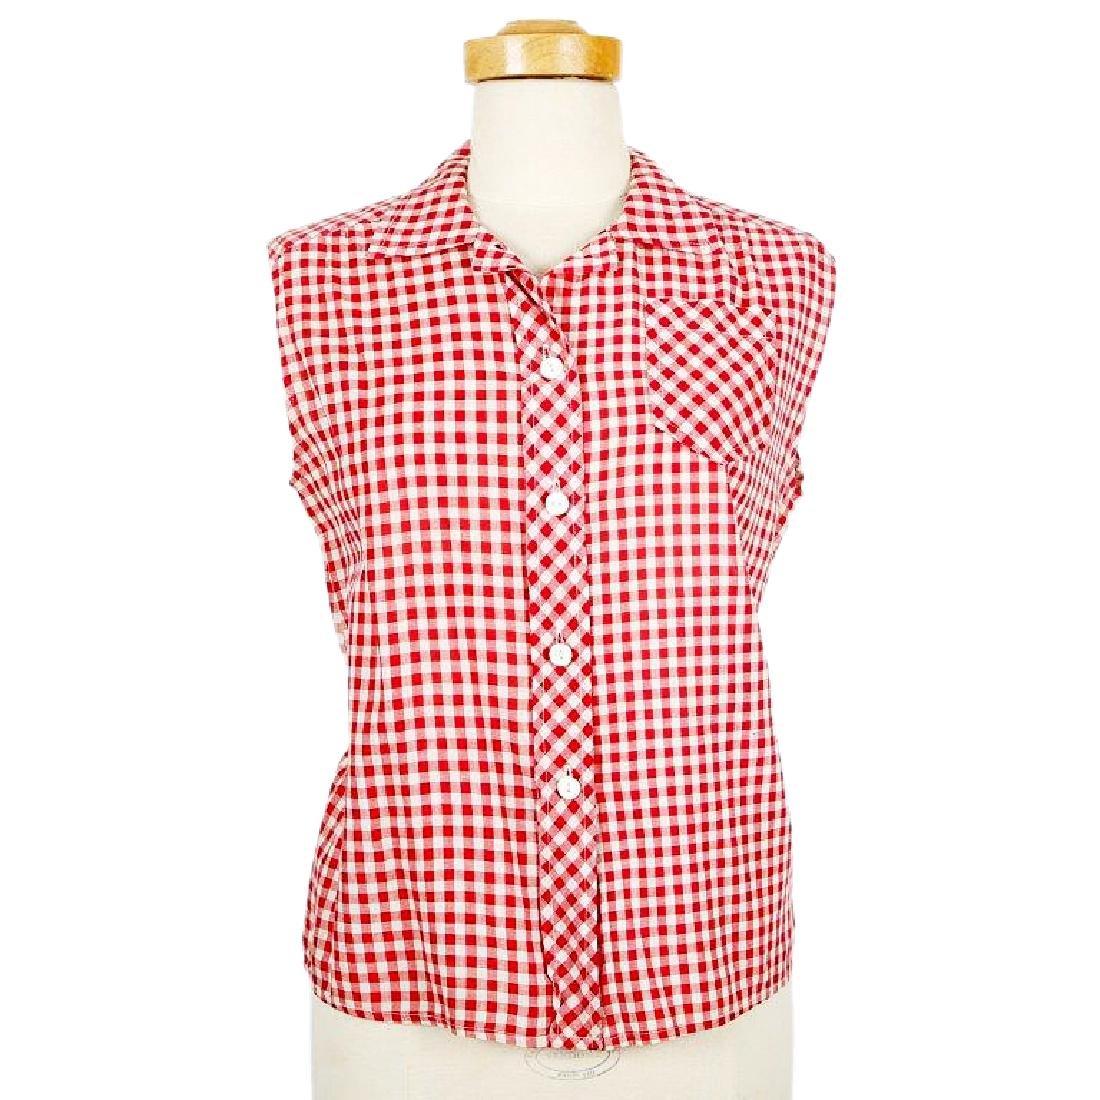 Anna Nicole Smith Checkered Shirt (Face Magazine)